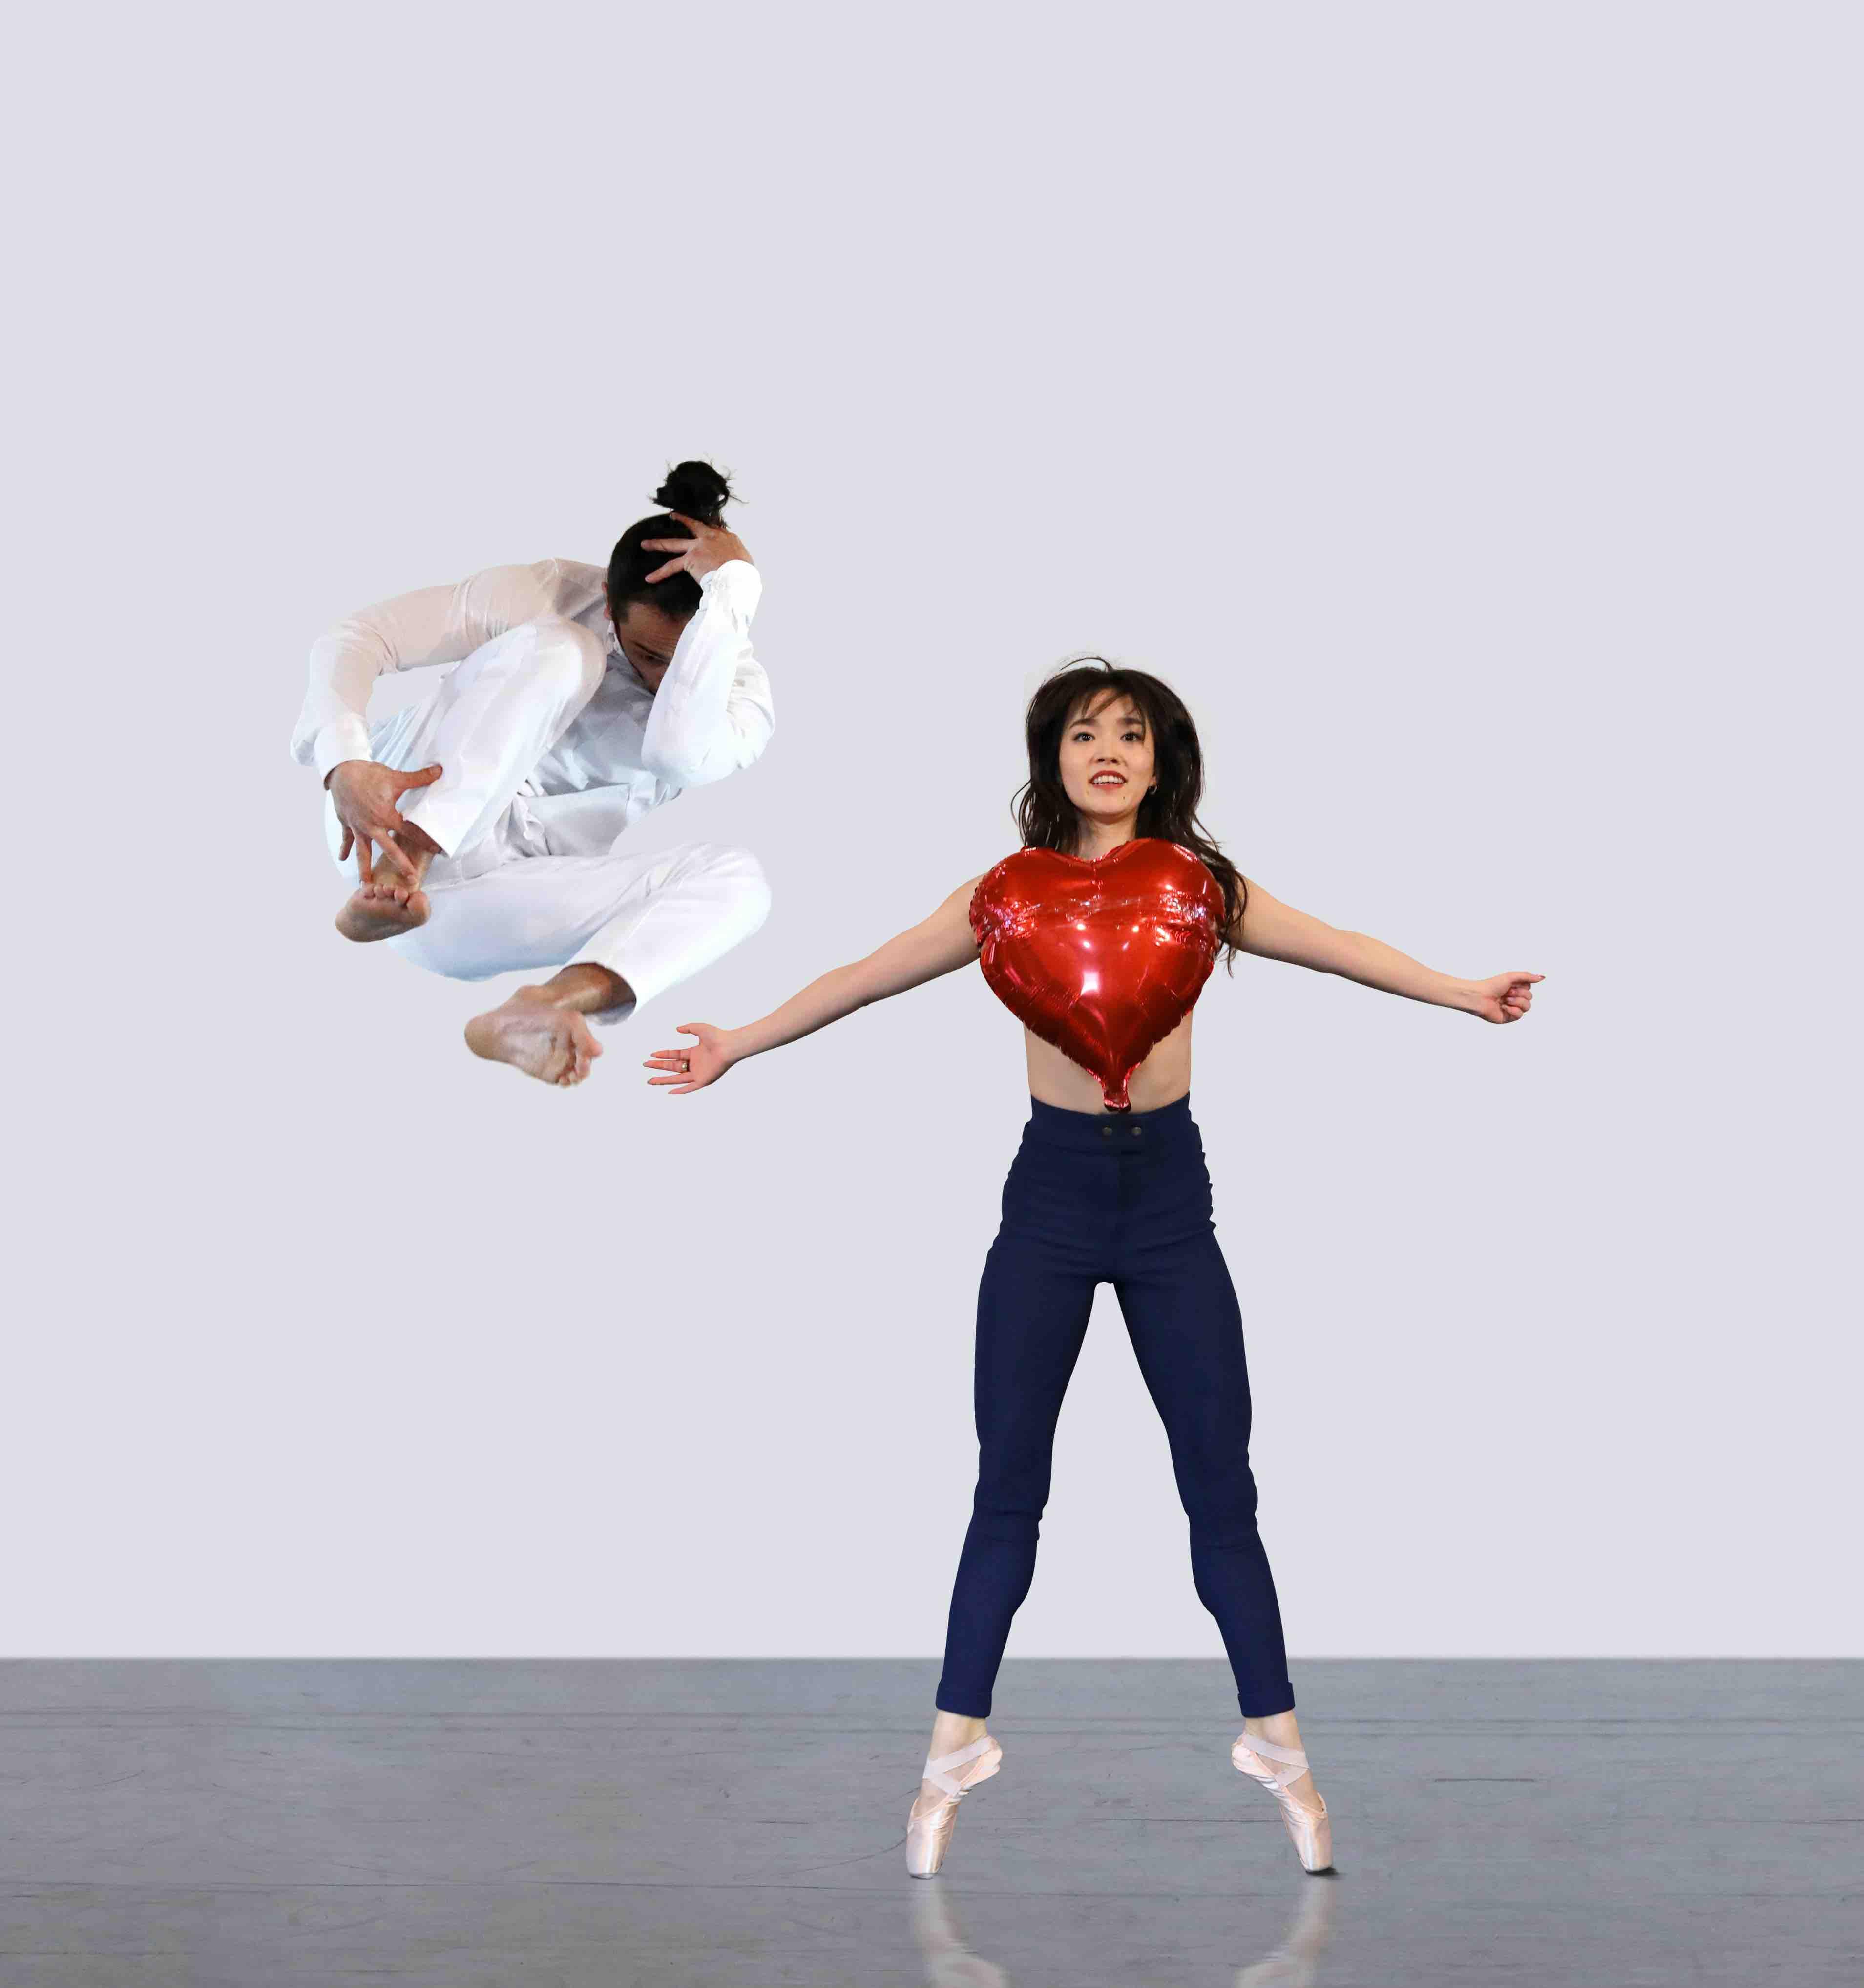 gloria, danse, jose montalvo, folkore, break dance, flamenco, danse classique, hip hop, bailaoara, choregraphie